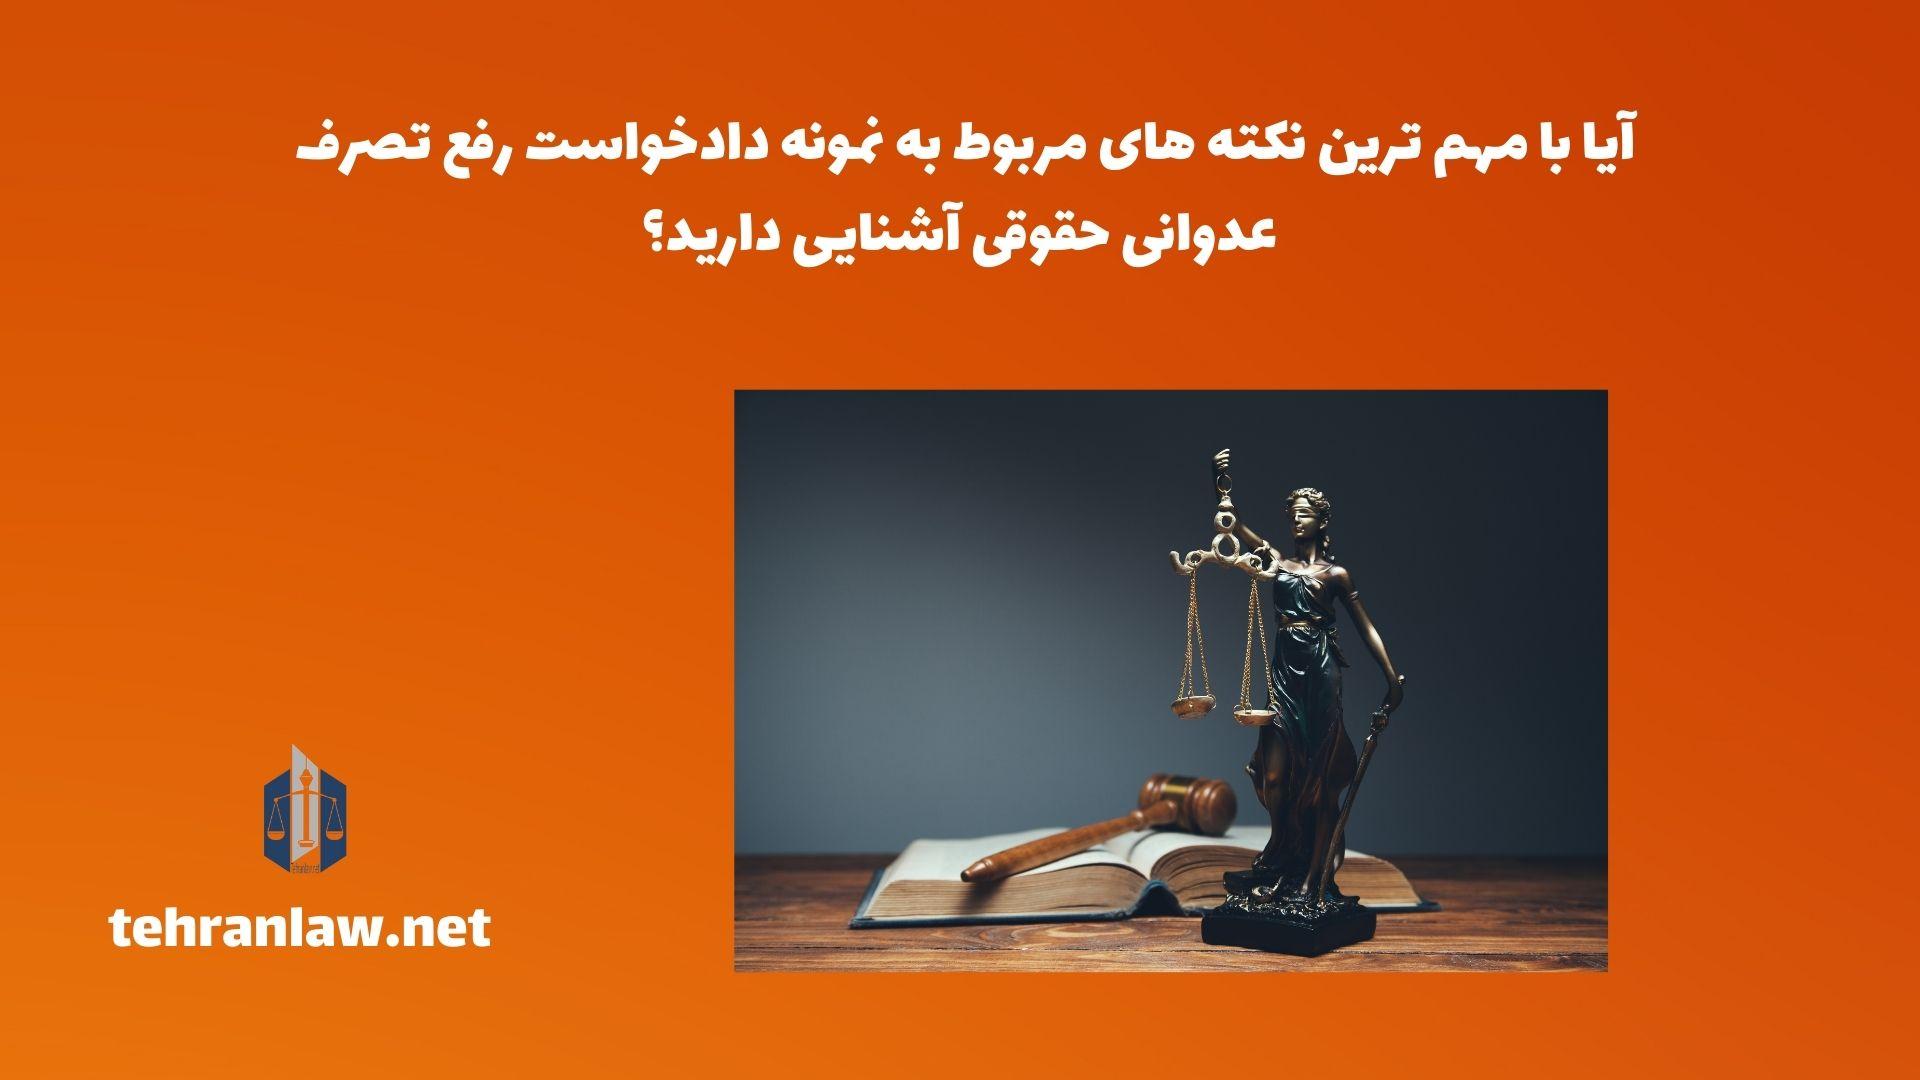 آیا با مهم ترین نکته های مربوط به نمونه دادخواست رفع تصرف عدوانی حقوقی آشنایی دارید؟